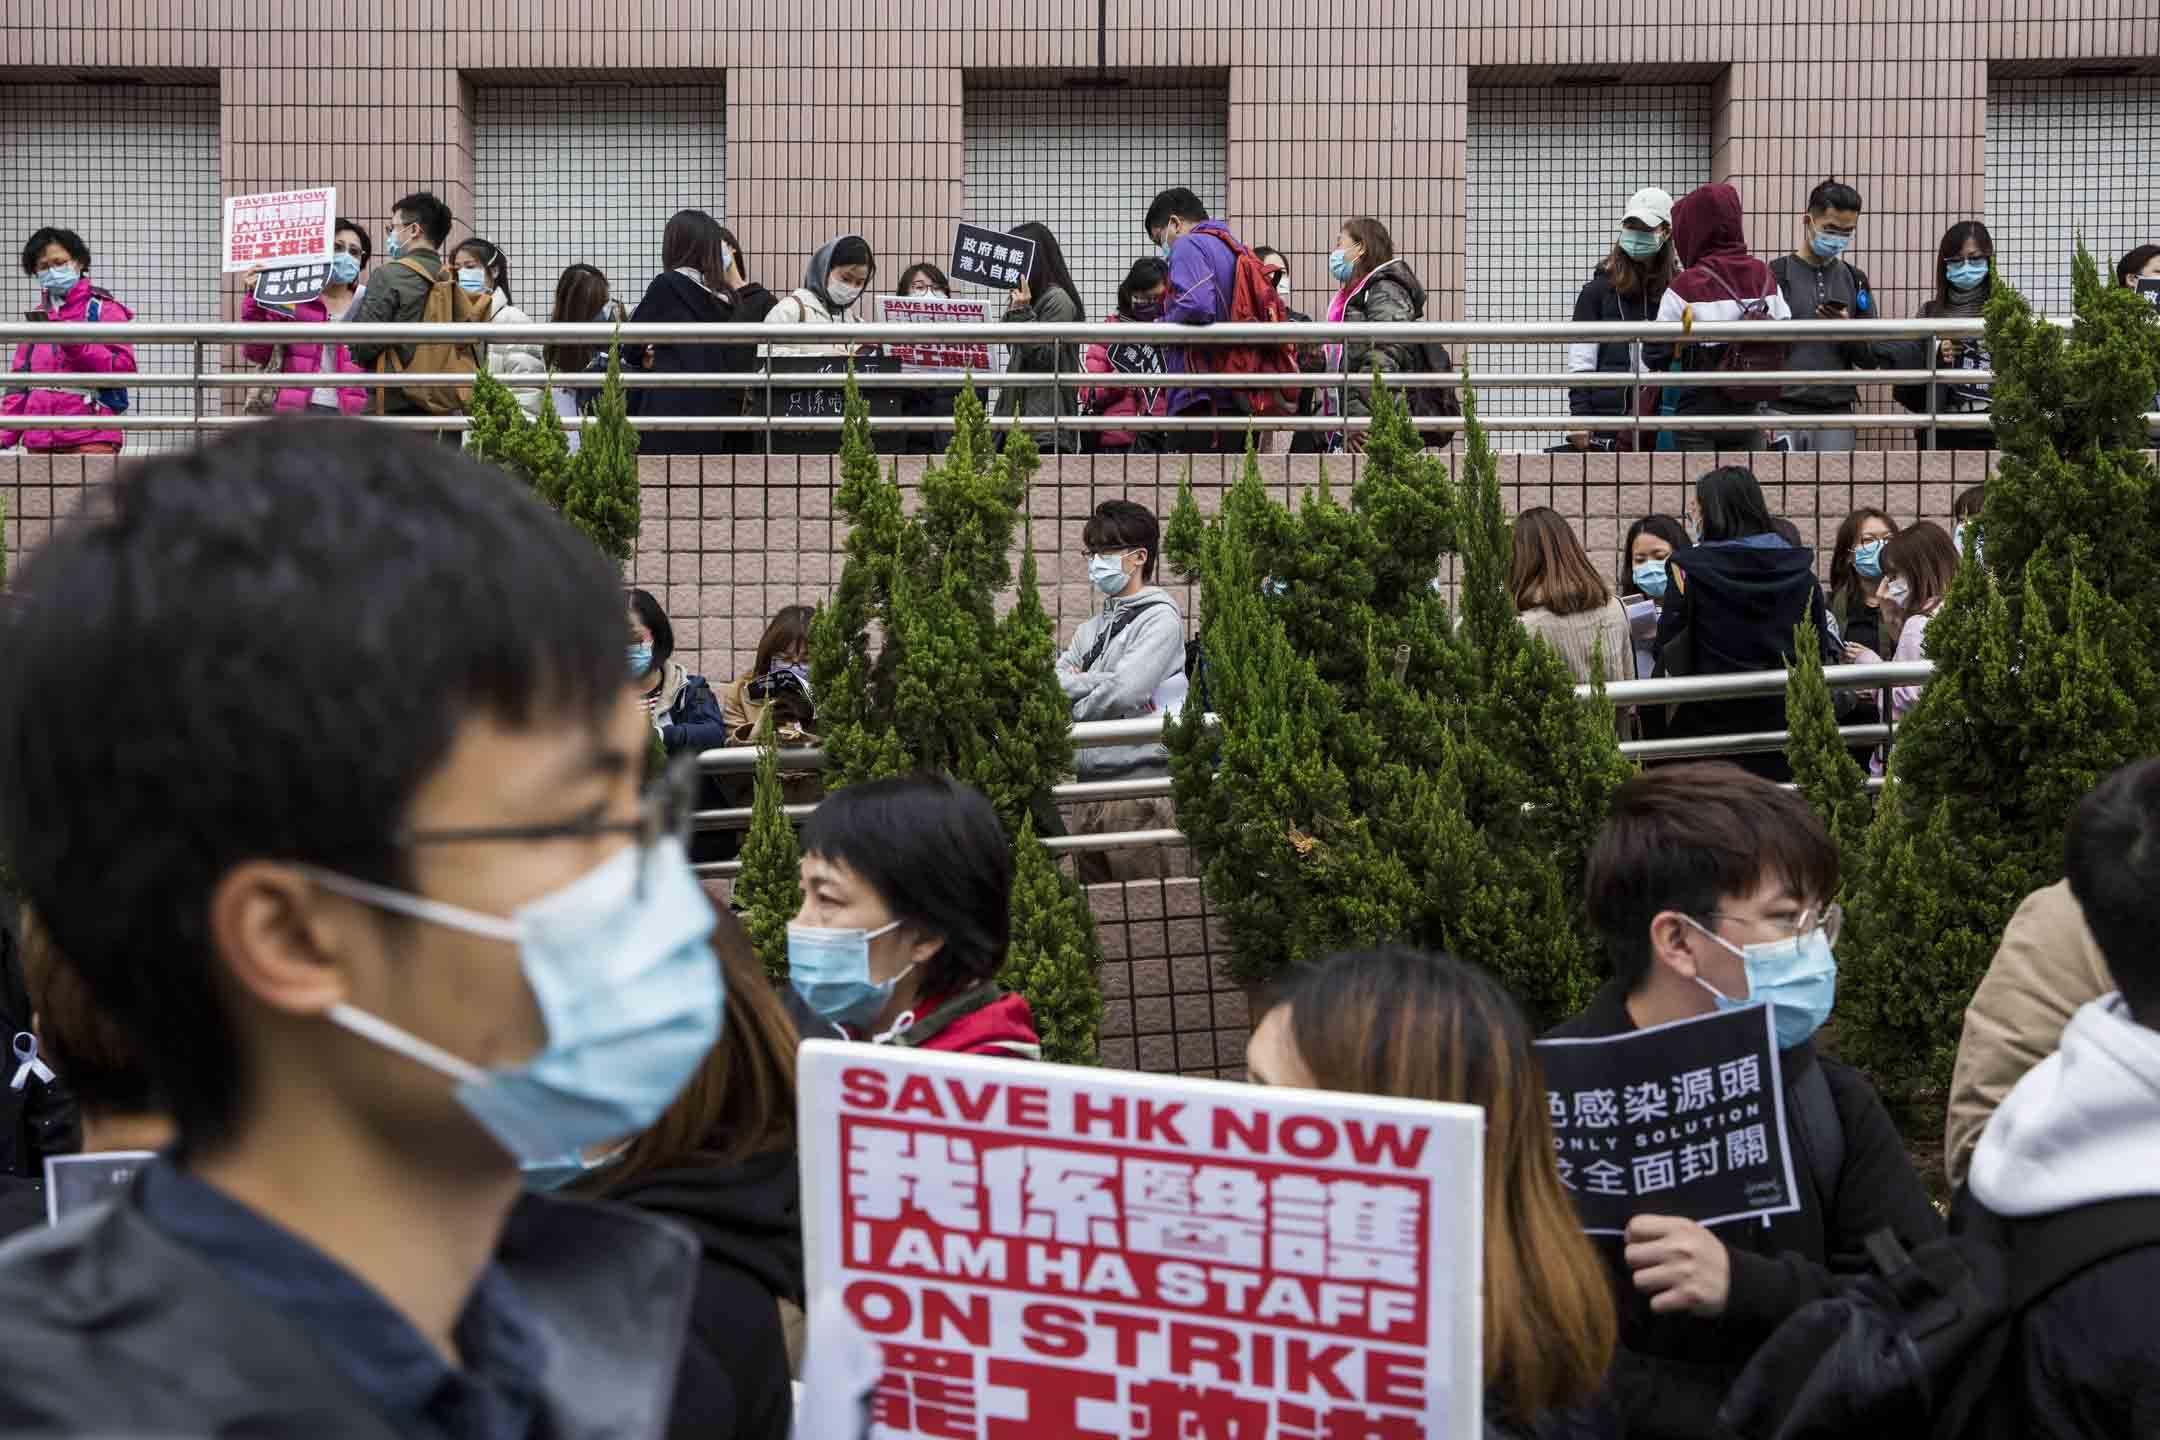 2020年2月4日,醫管局員工陣線宣布進入第二階段罷工,多個工會到醫管局大樓發起請願活動, 以「一人一信」方式要求醫管局向港府施壓全面封關。